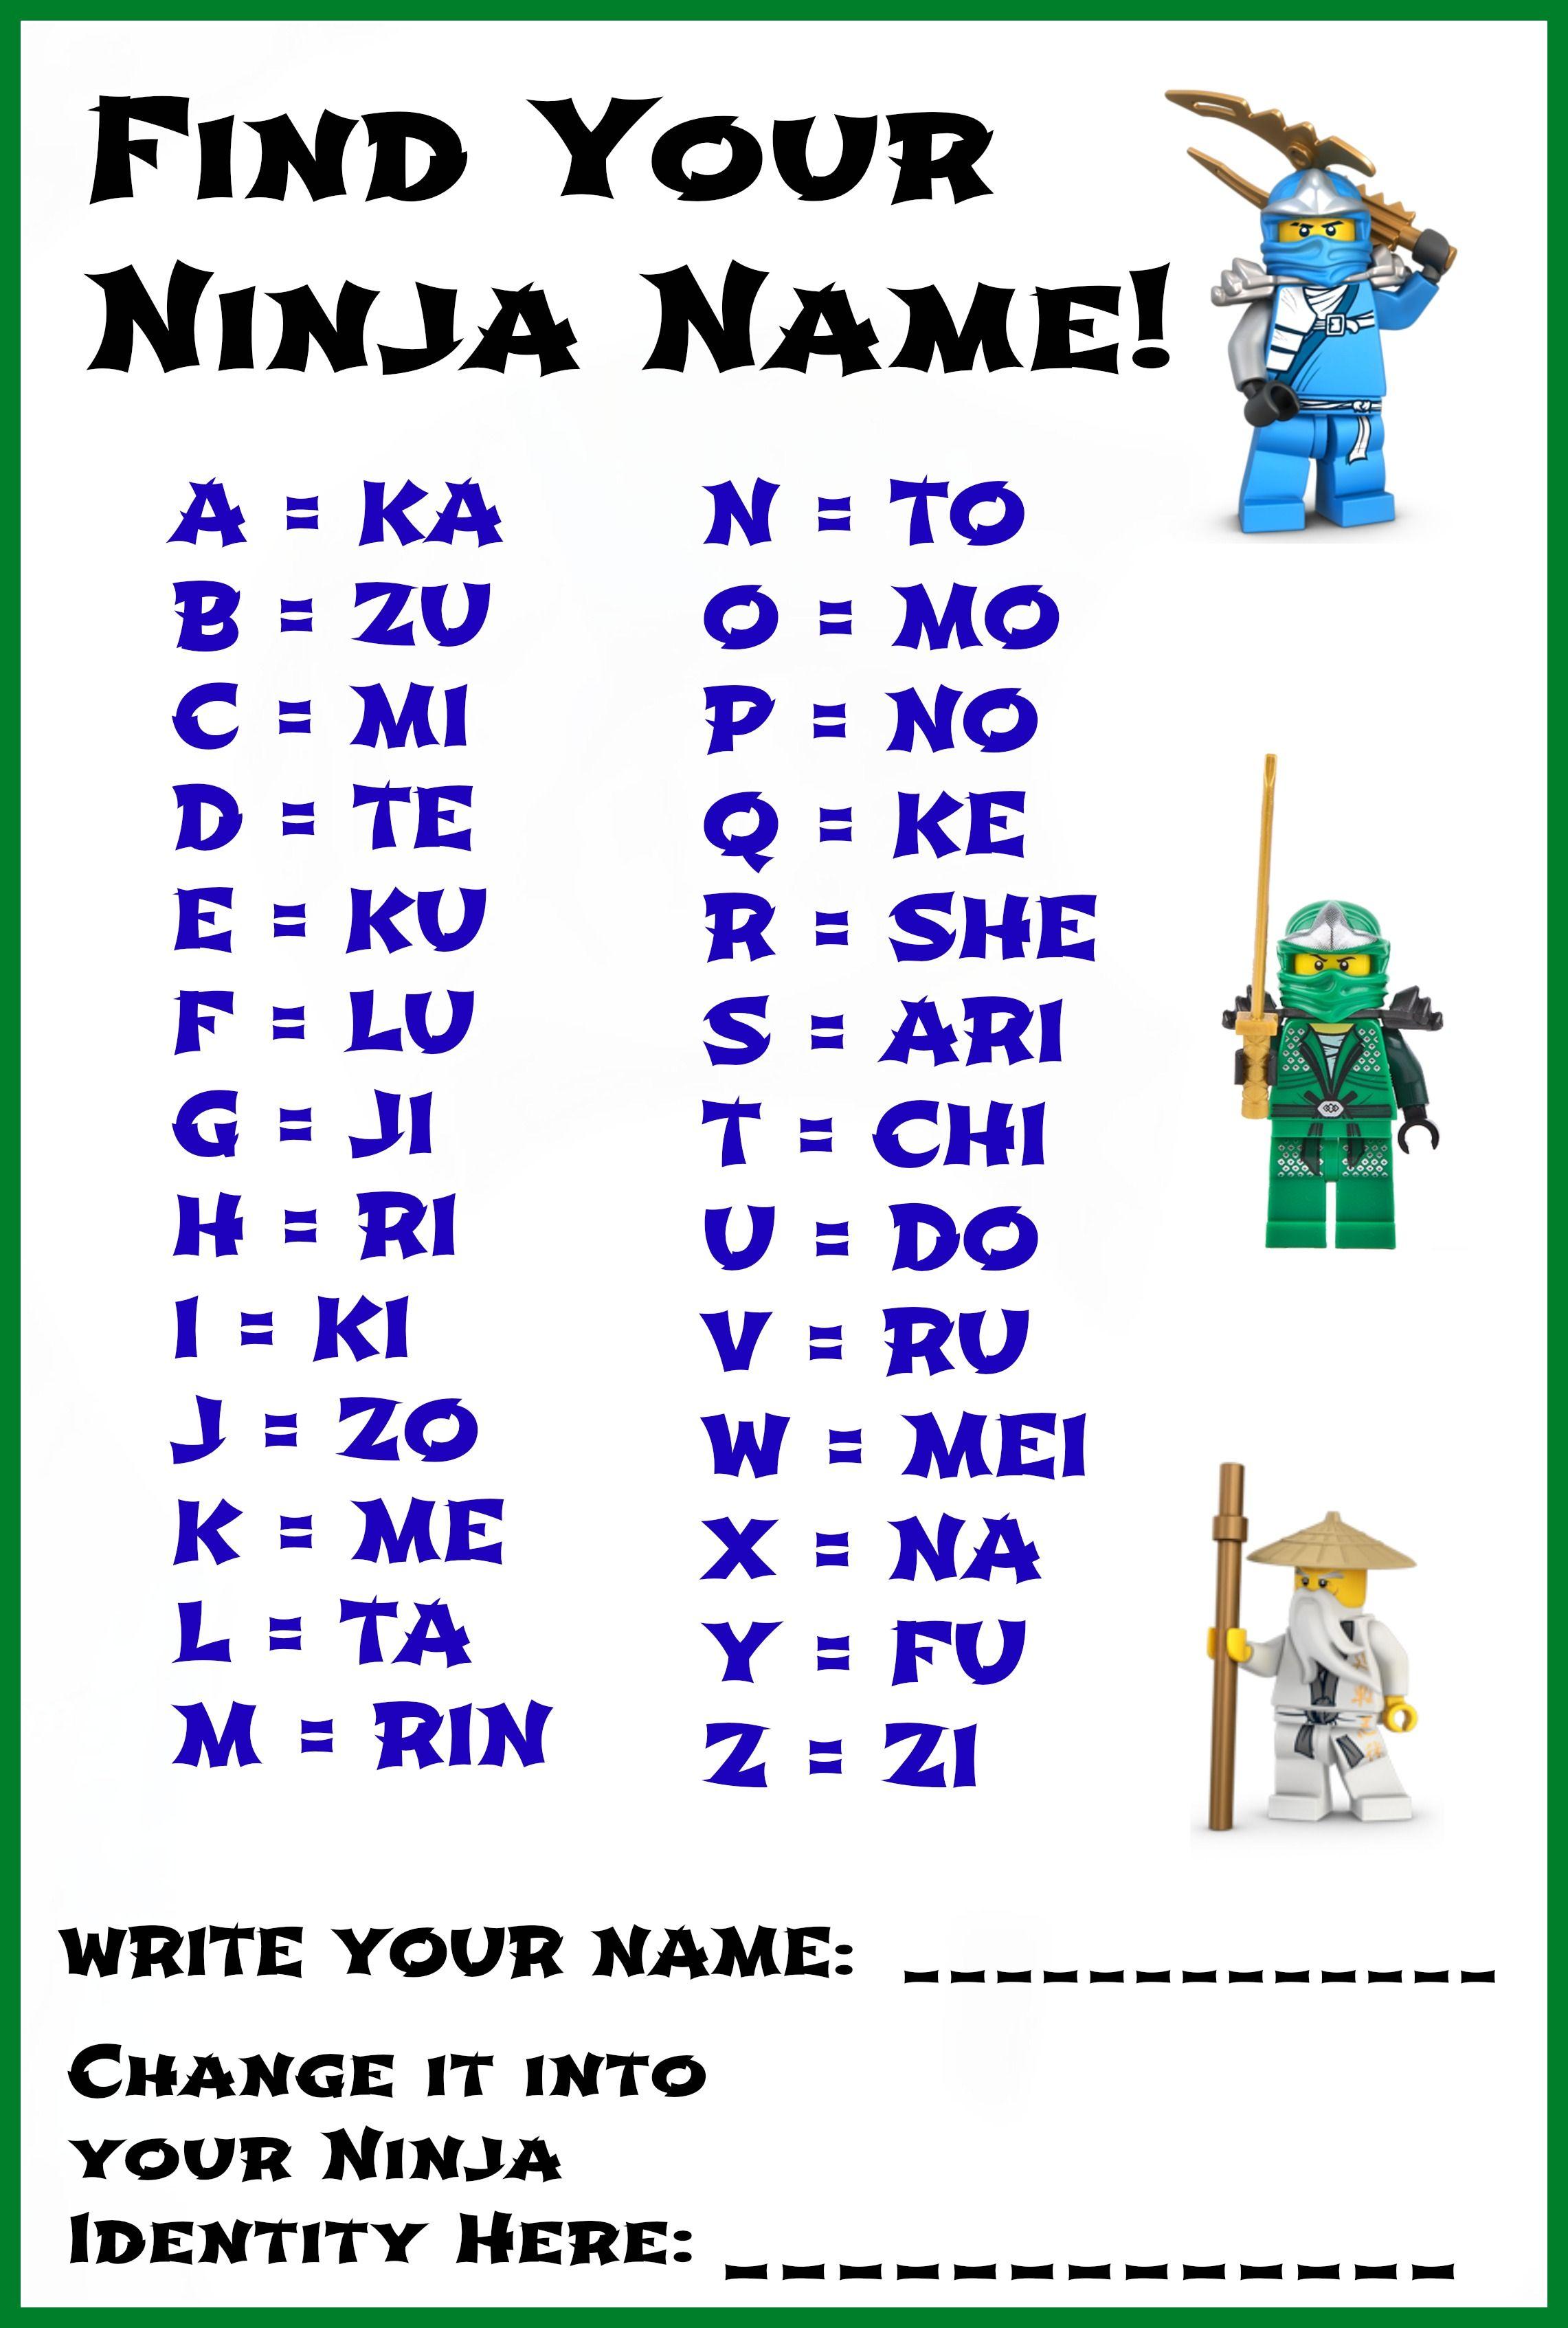 Ninja Name Activity For The Kiddos